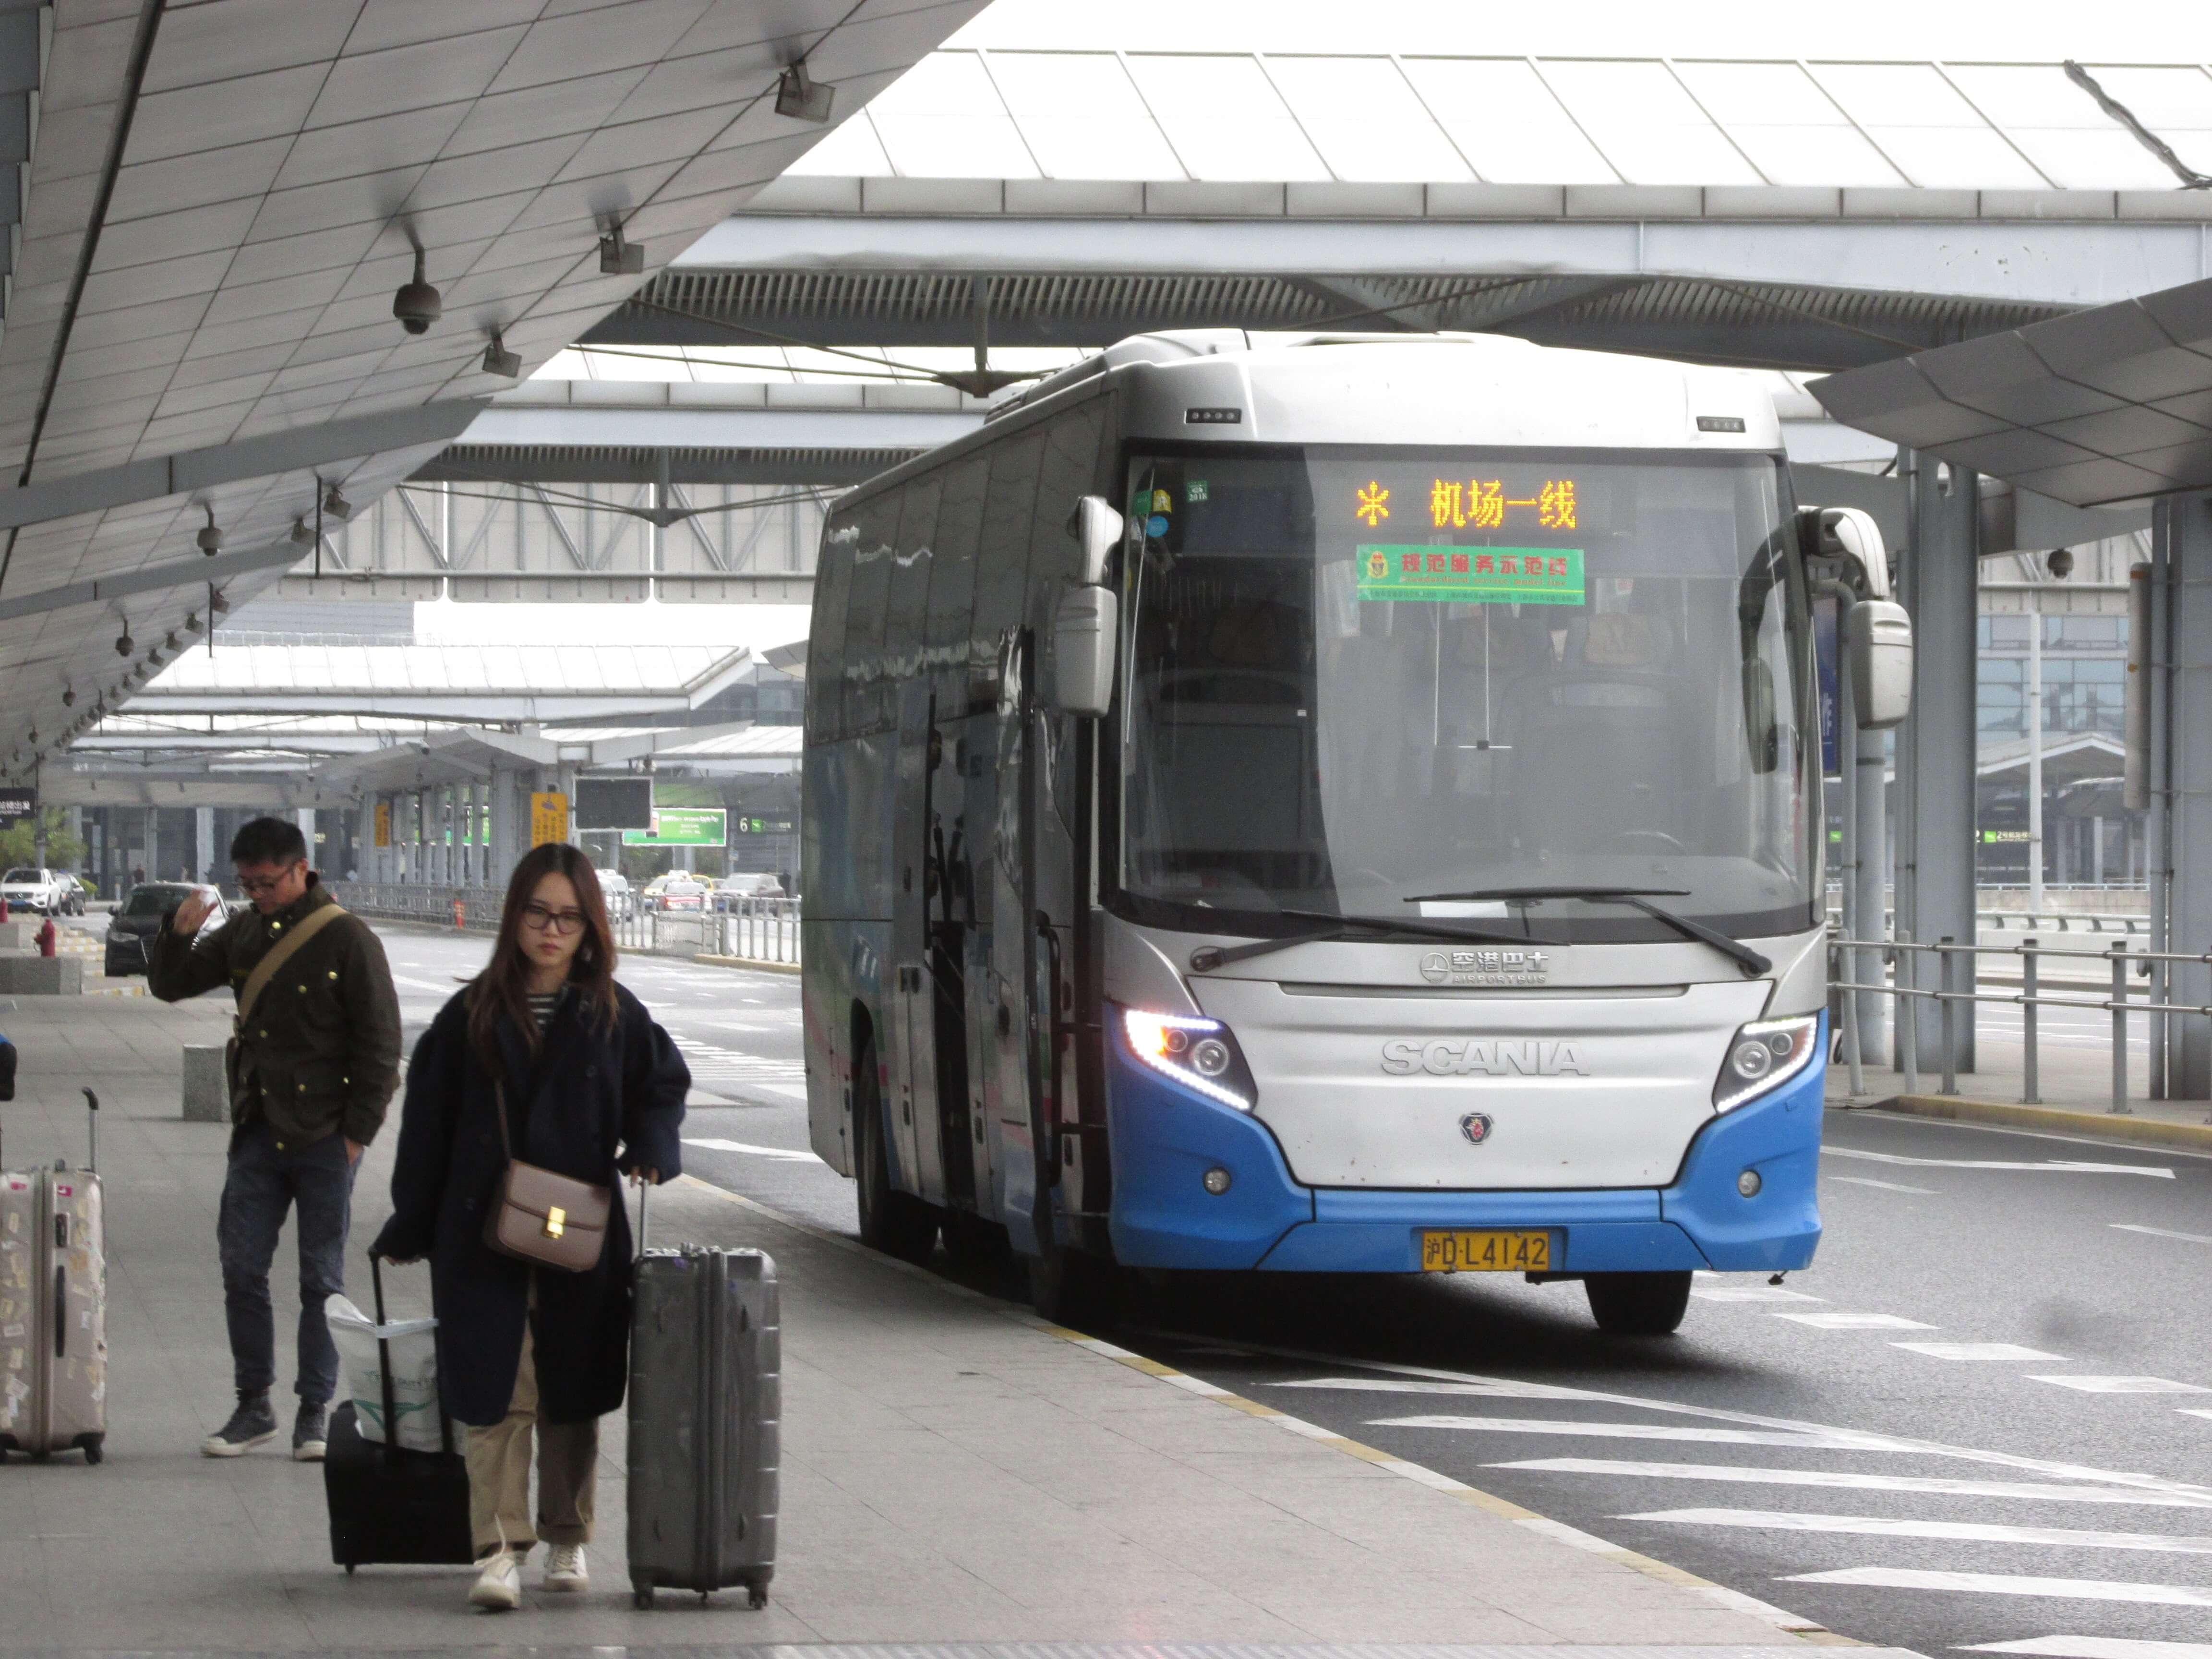 上海浦東空港から上海虹橋空港までバスで移動する